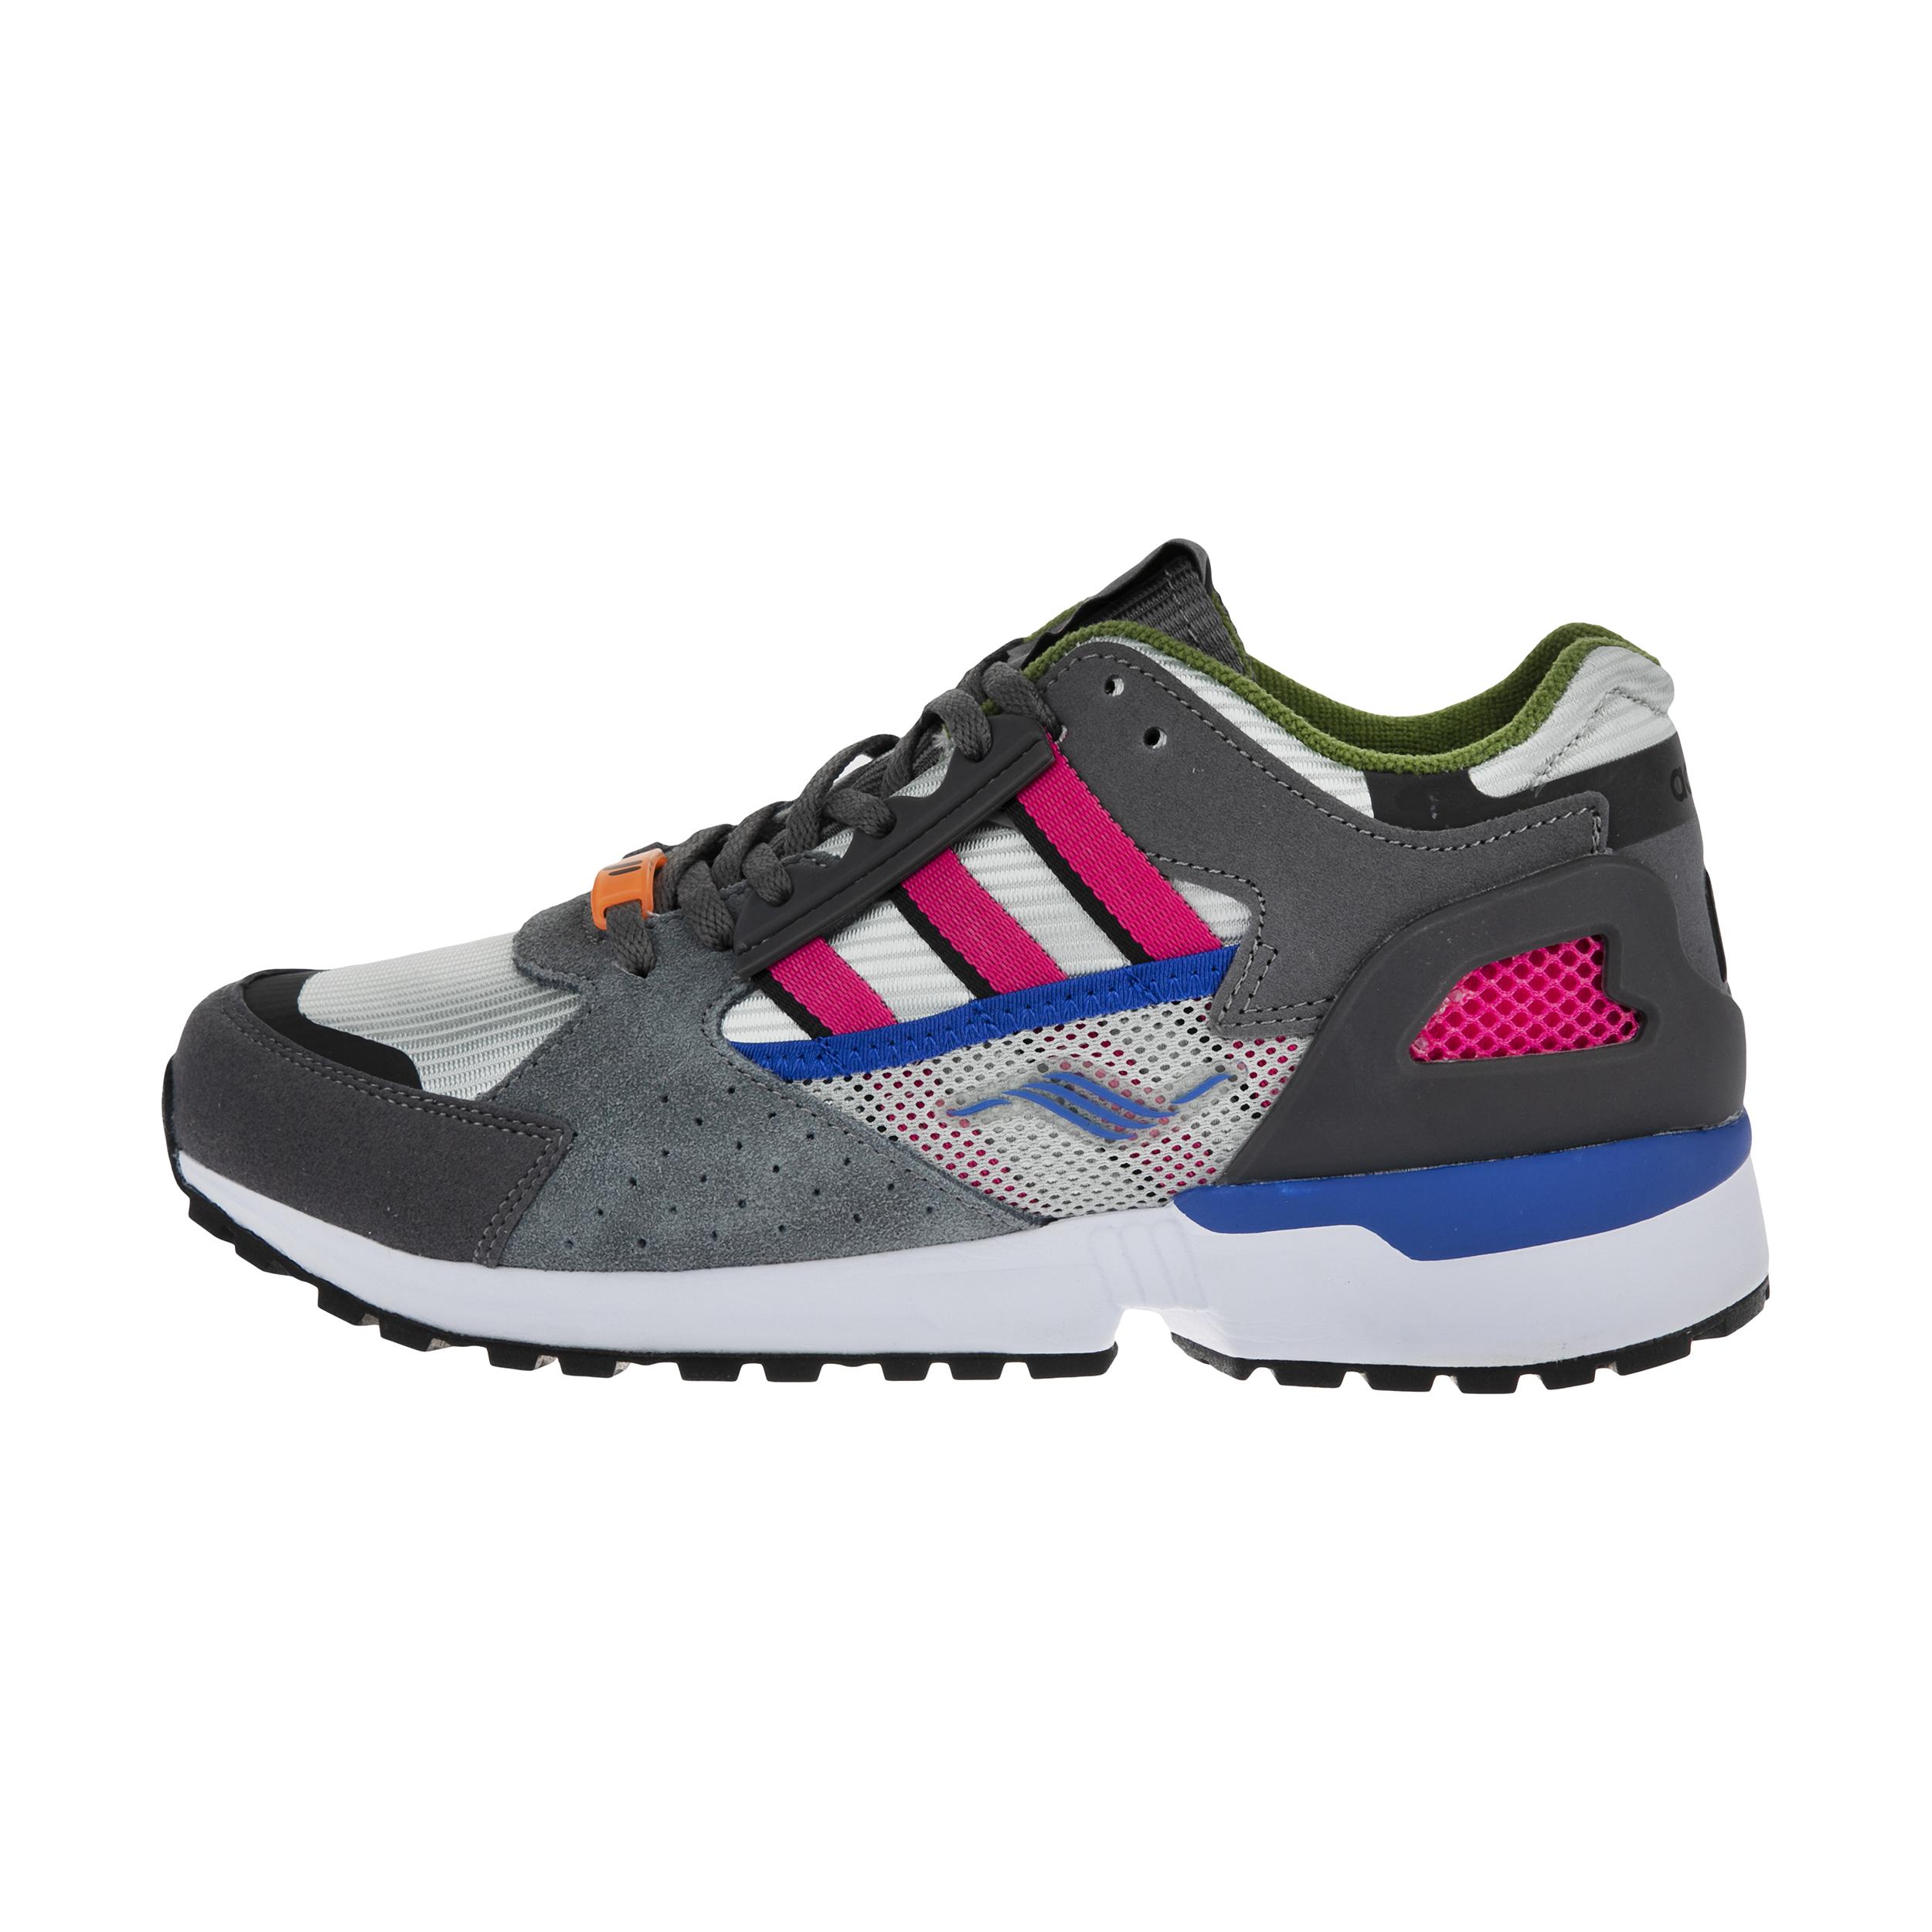 کفش مردانه ورزشی مدل  Zx 10000 c